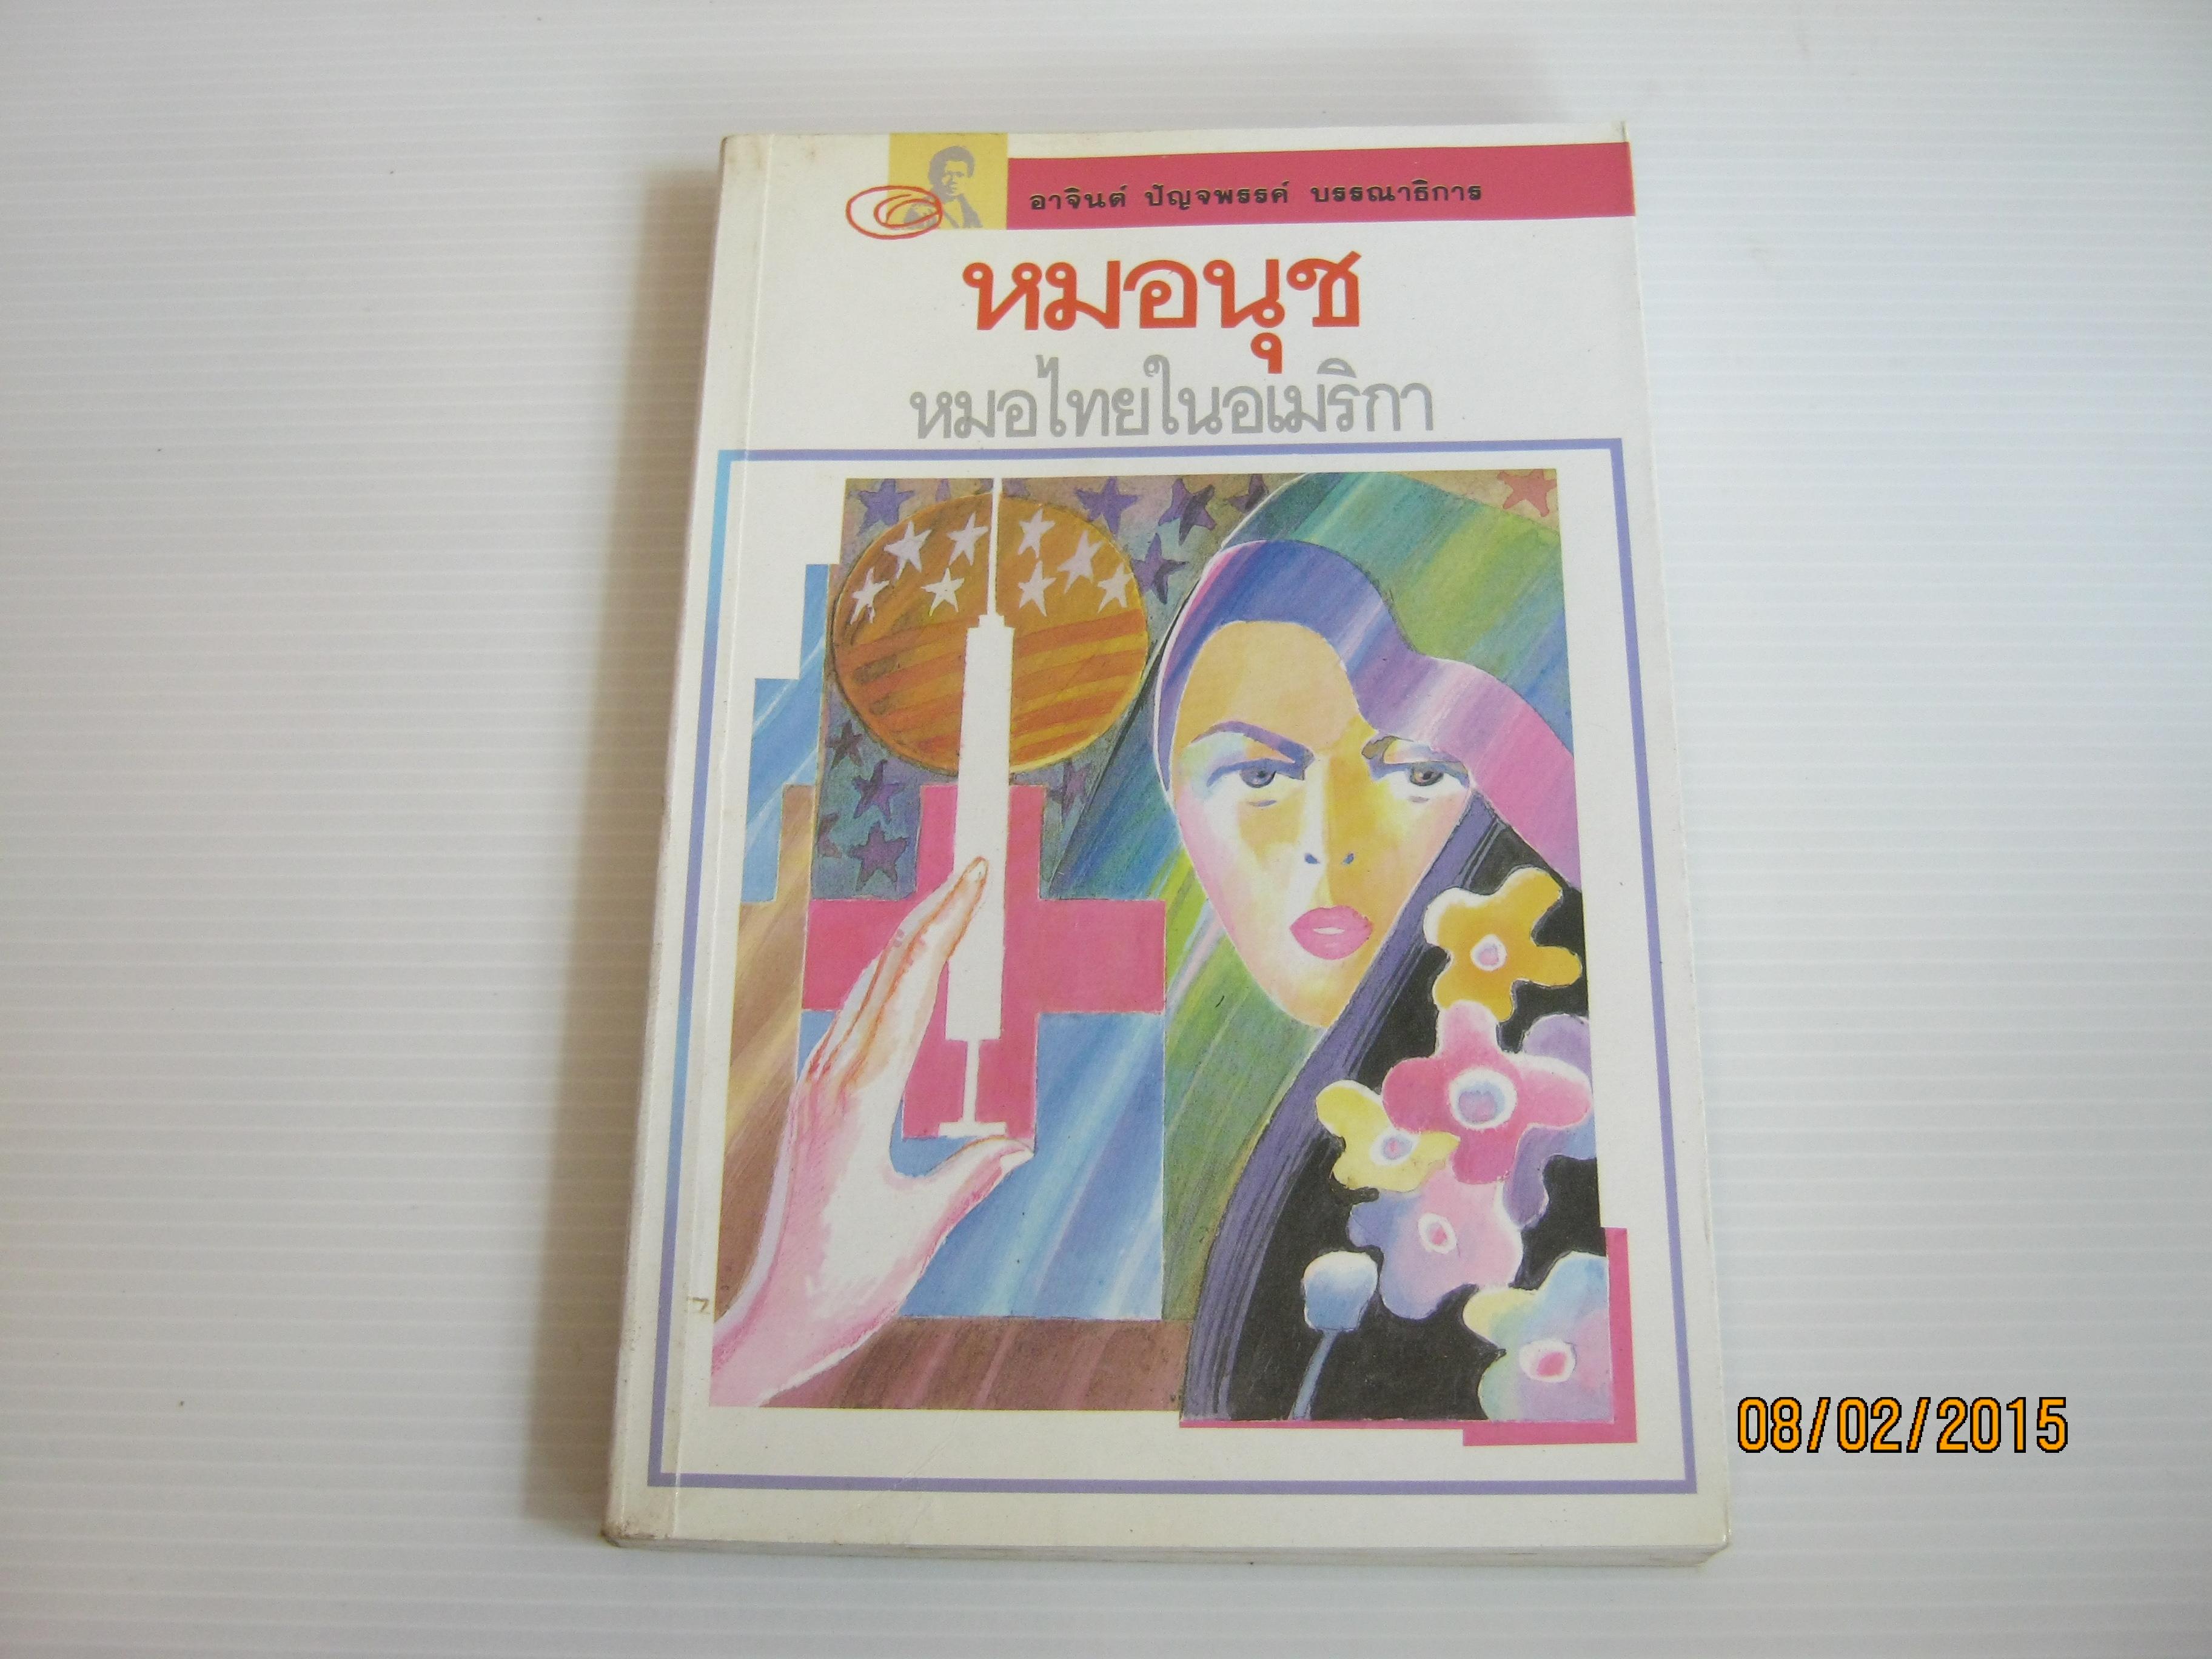 หมอไทยในอเมริกา โดย หมอนุช